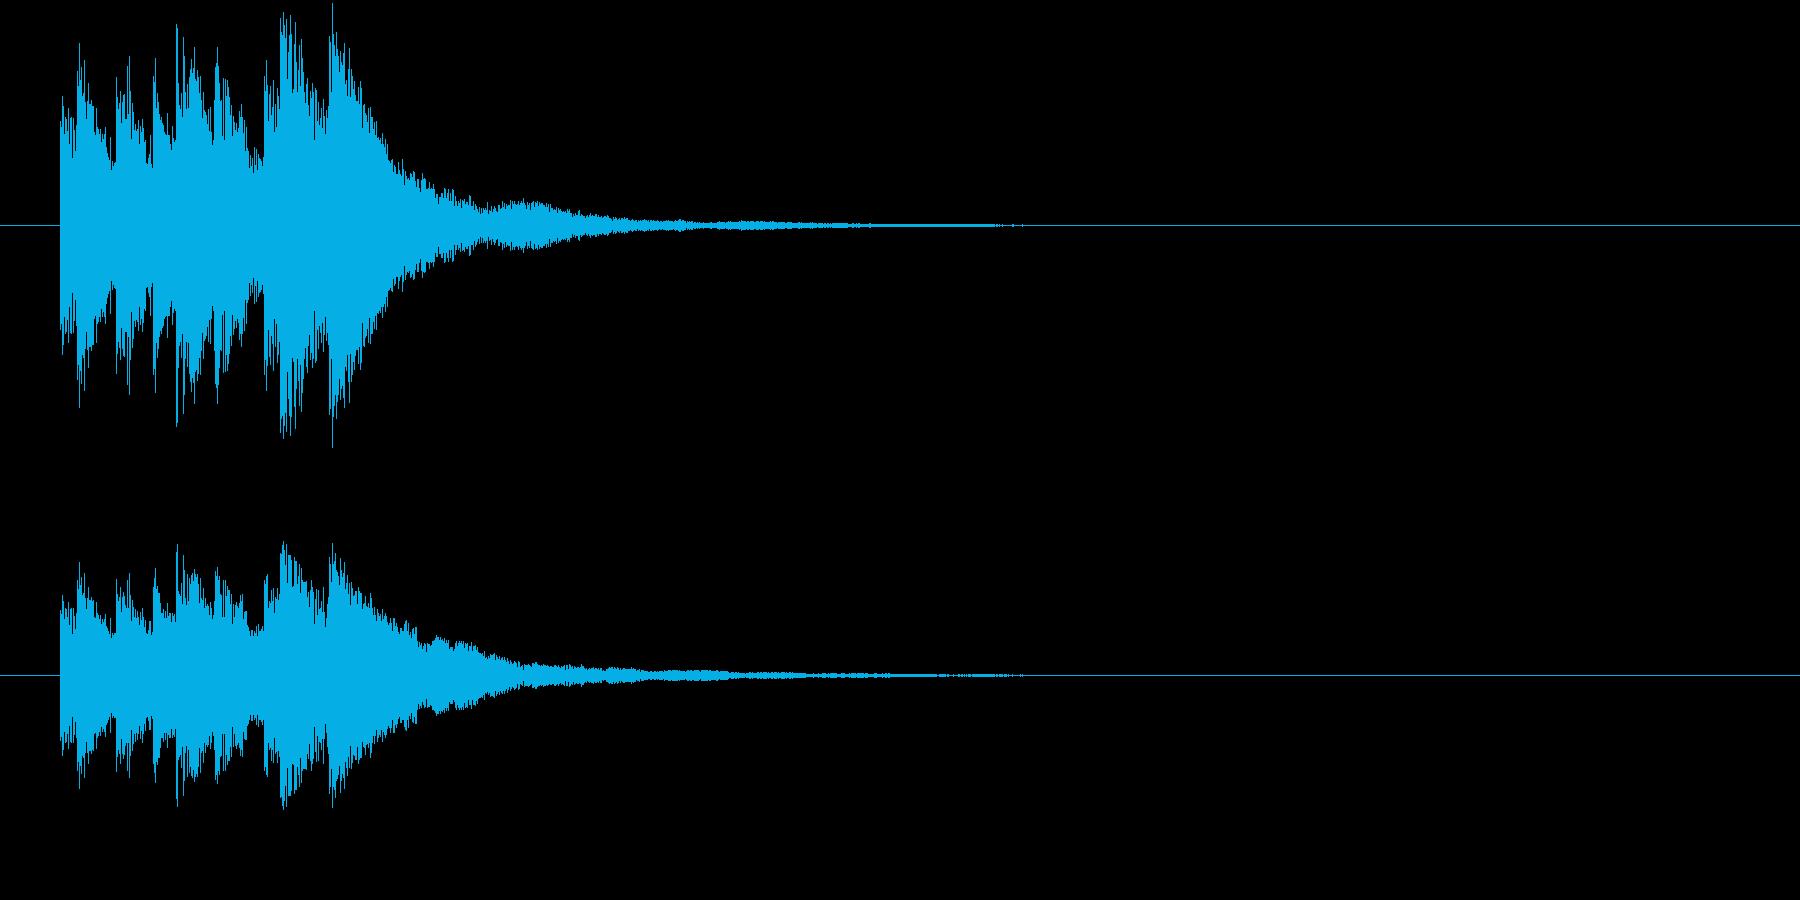 キラリン キラキラ 星 グロッケン 5の再生済みの波形